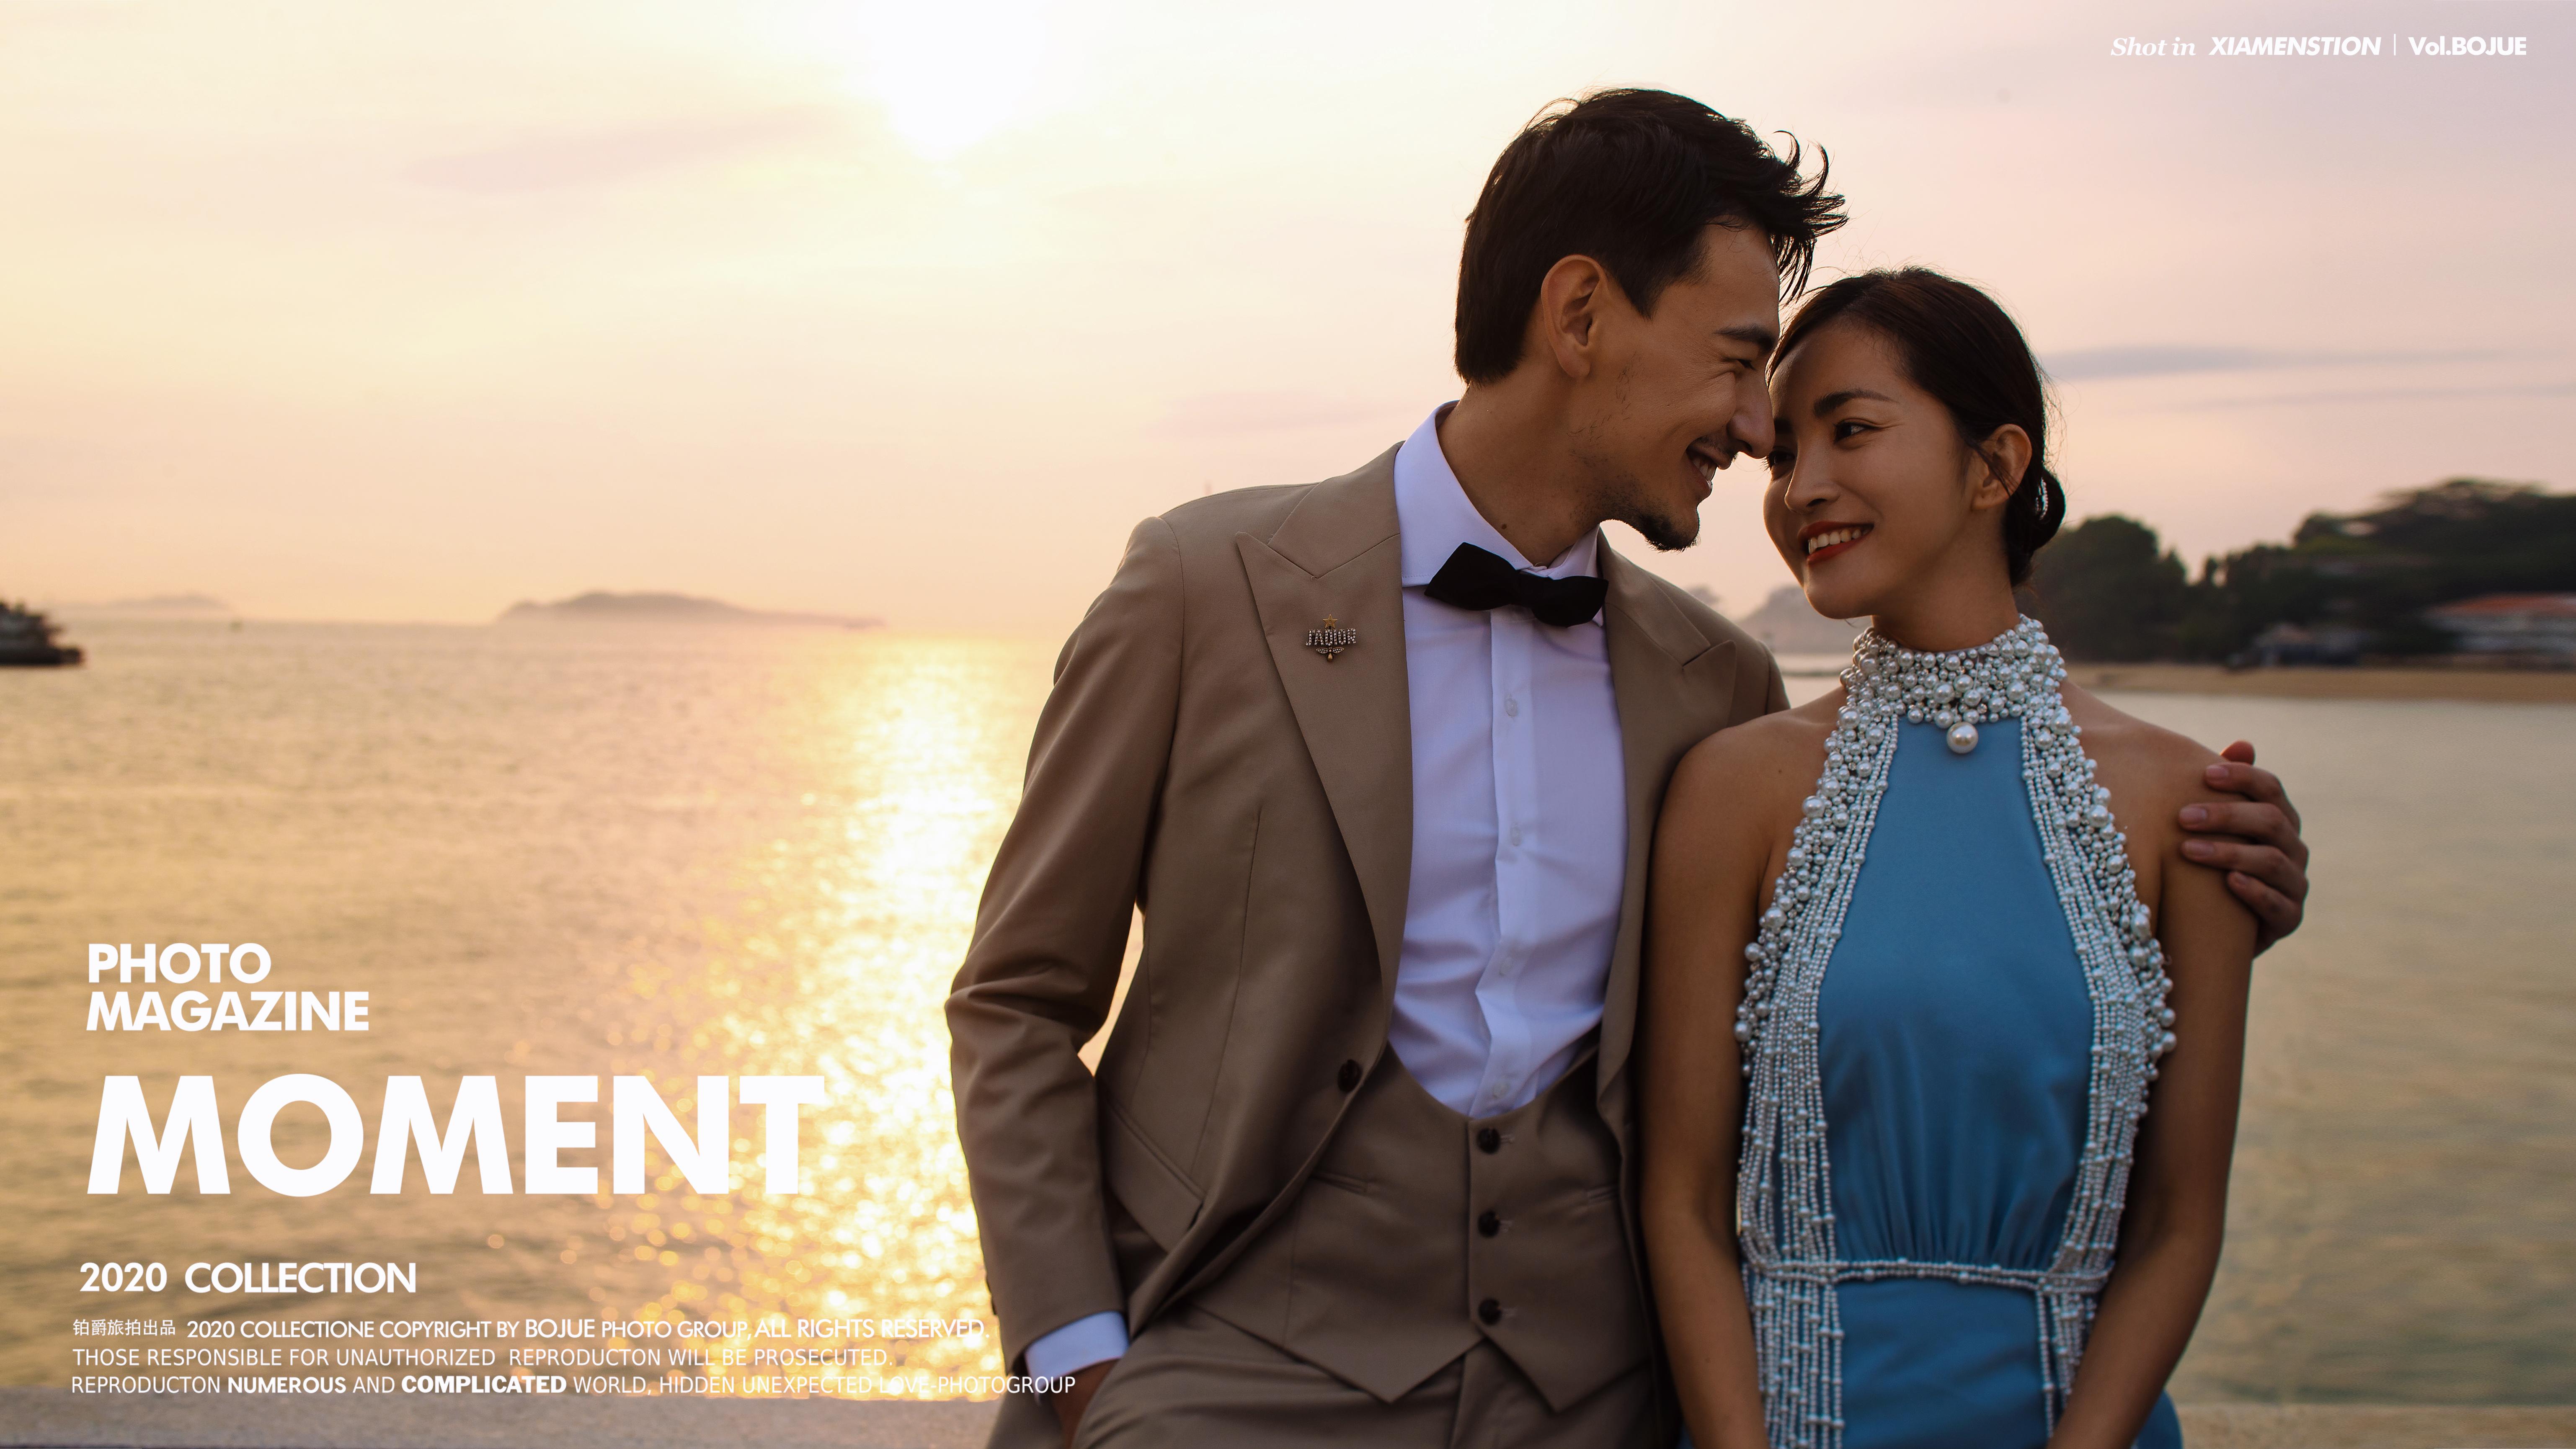 厦门拍婚纱照多少钱,2020婚纱照价目表选择攻略